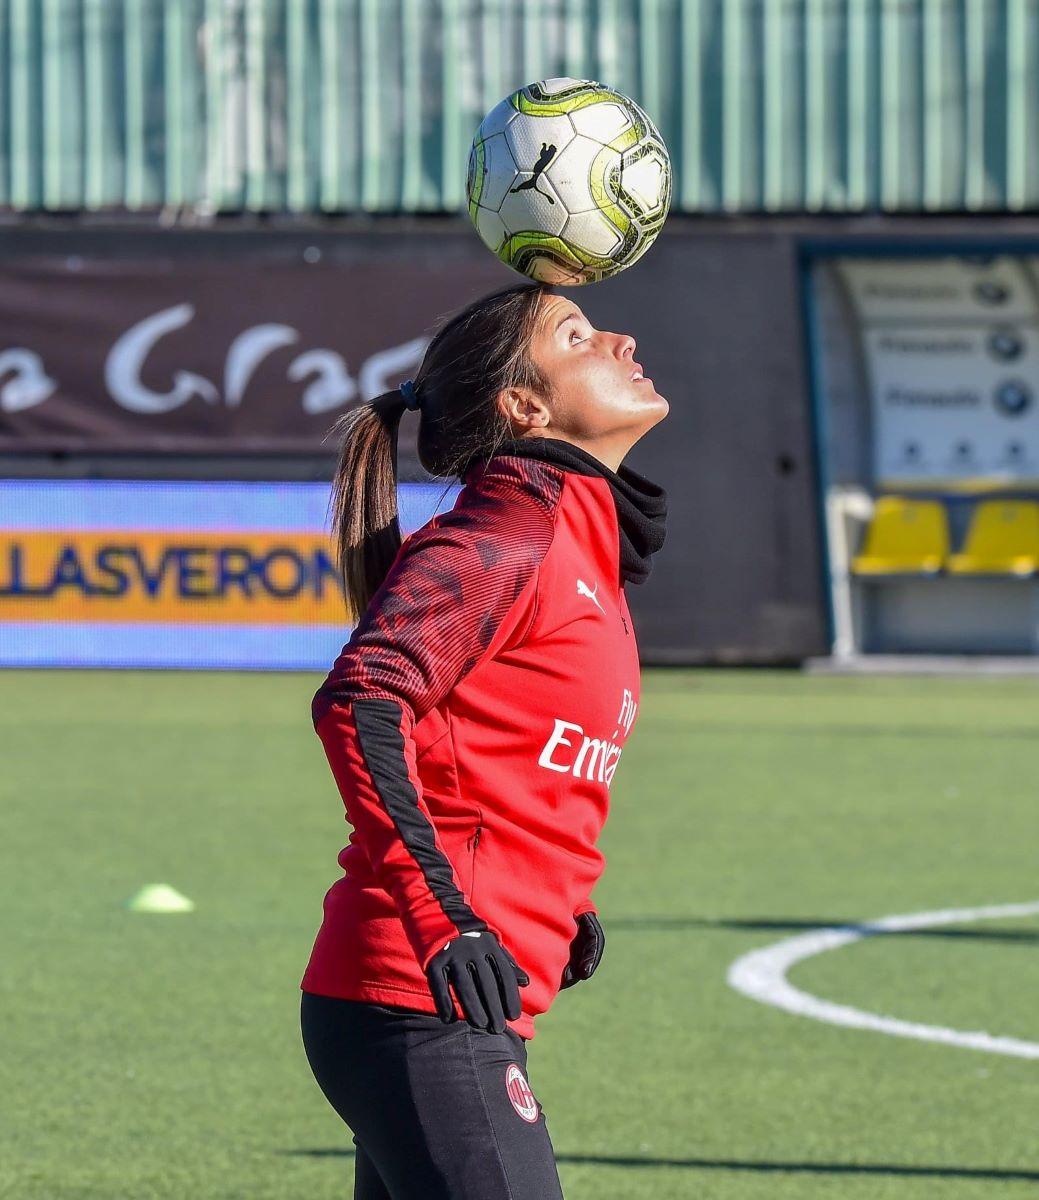 Monica Mendes of AC Milan